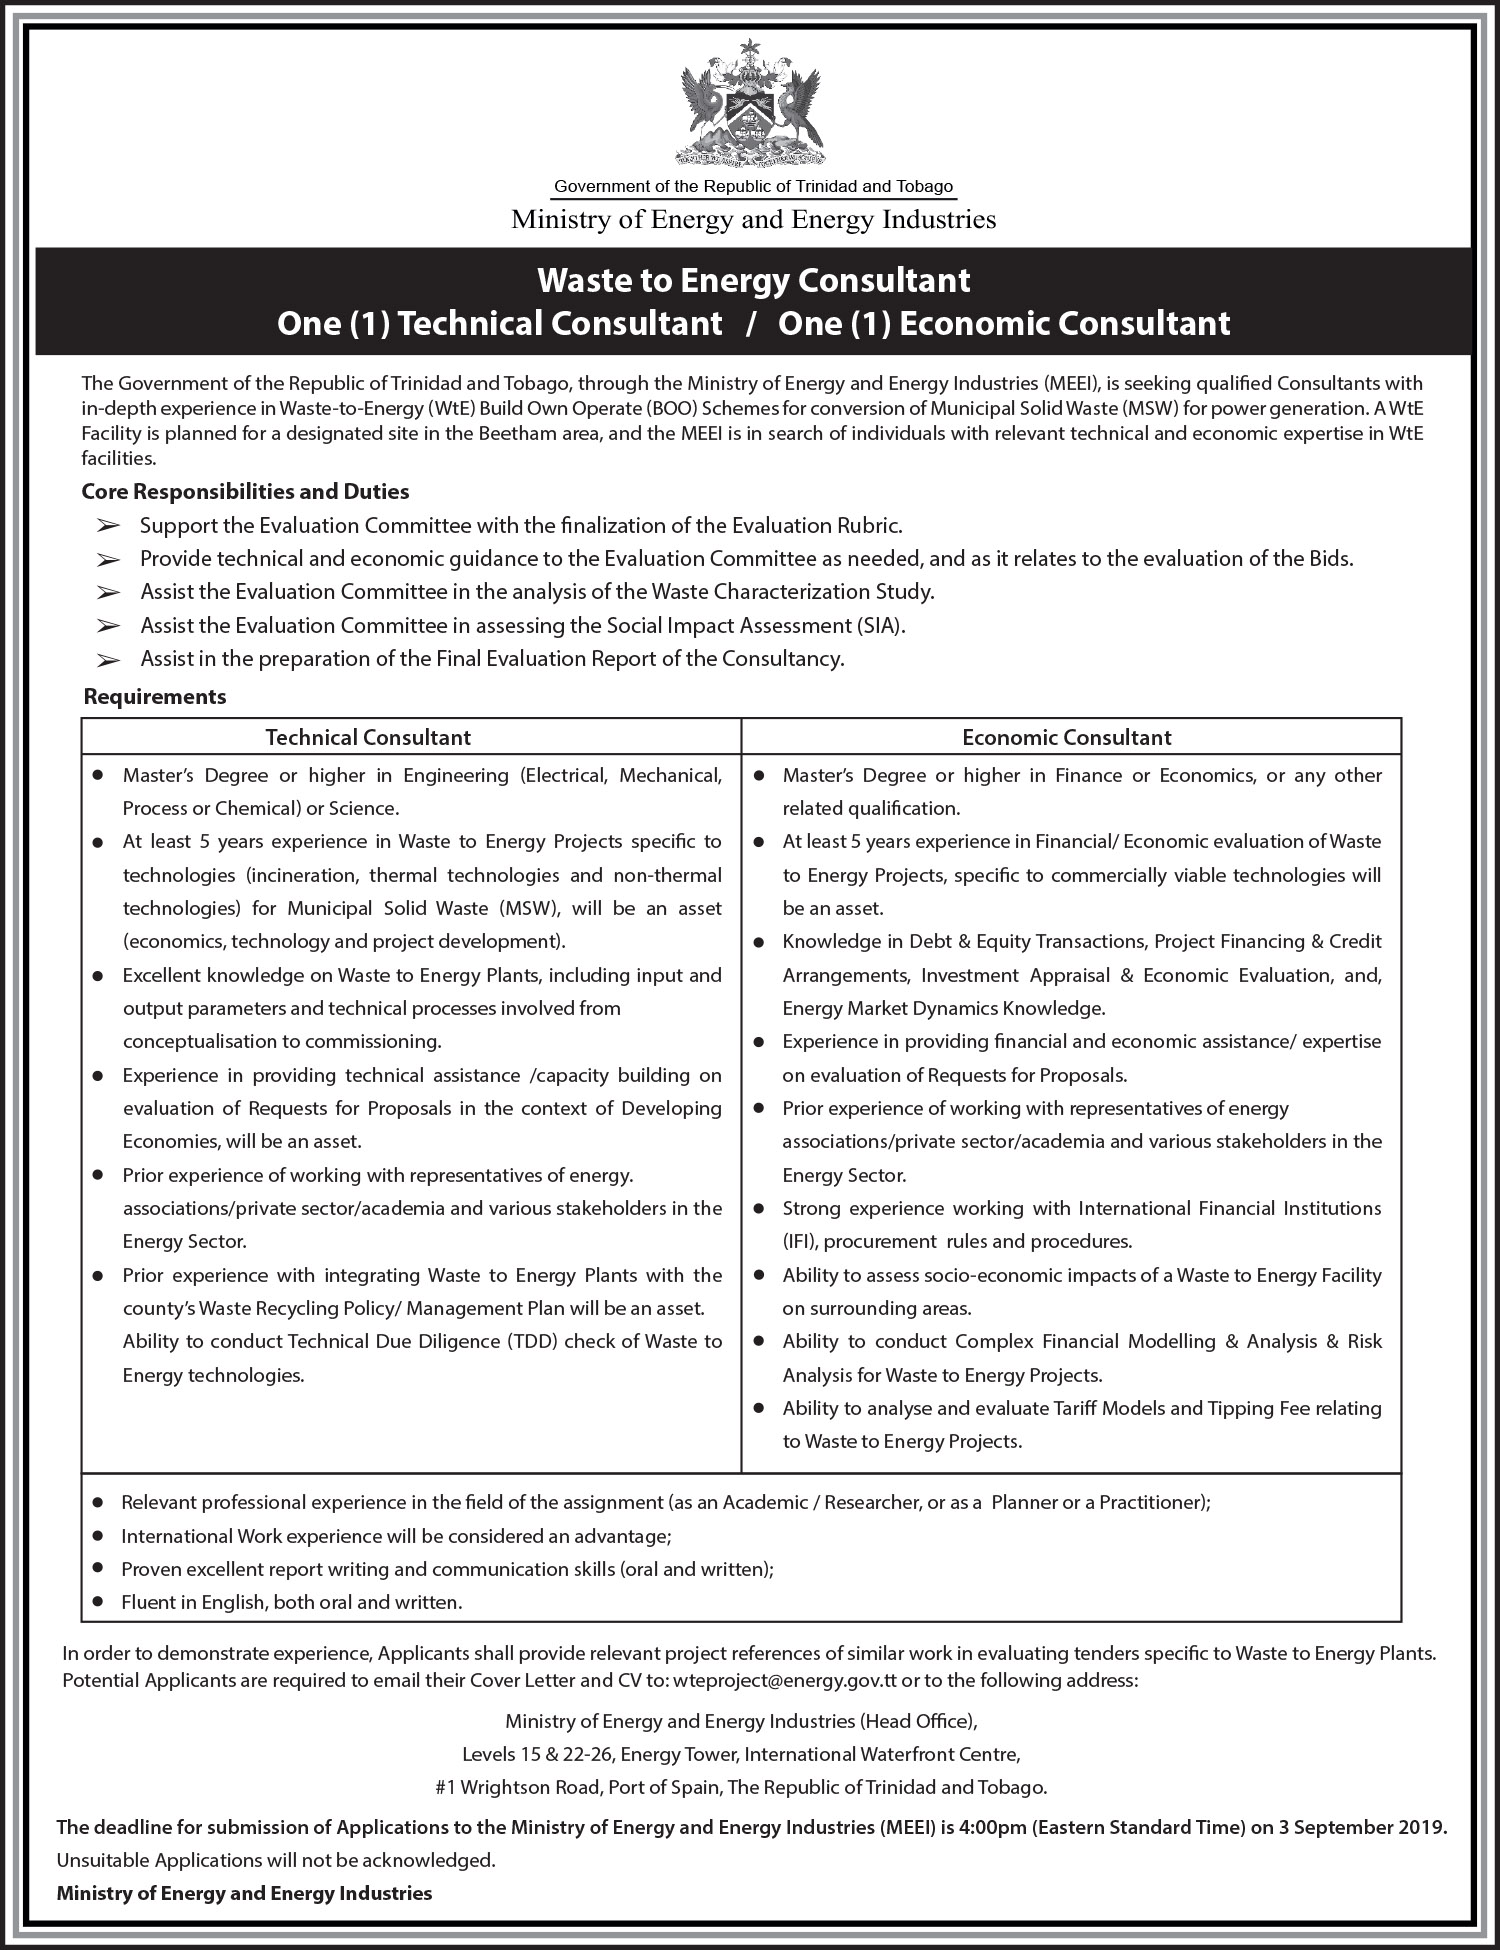 http://www.energy.gov.tt/vacancies-3/